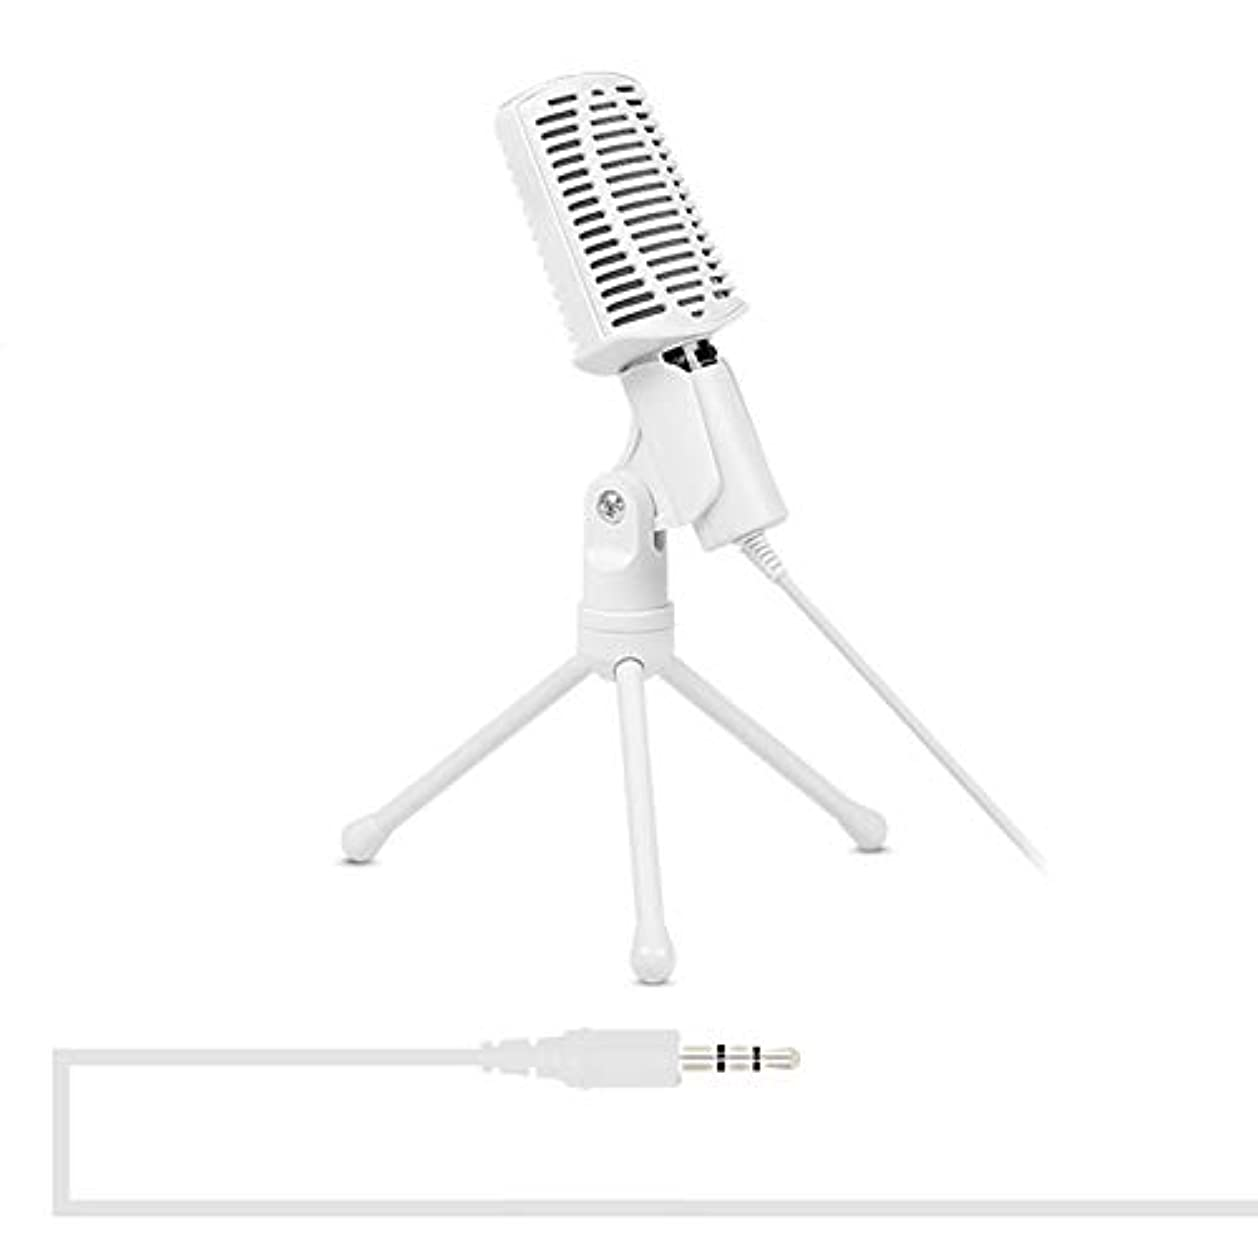 火傷反乱バックマイクアクセサリー SF-940プロフェッショナルコンデンサーサウンドレコーディングマイク、三脚ホルダー、ケーブル長:2.0m 有線マイク (色 : 白)